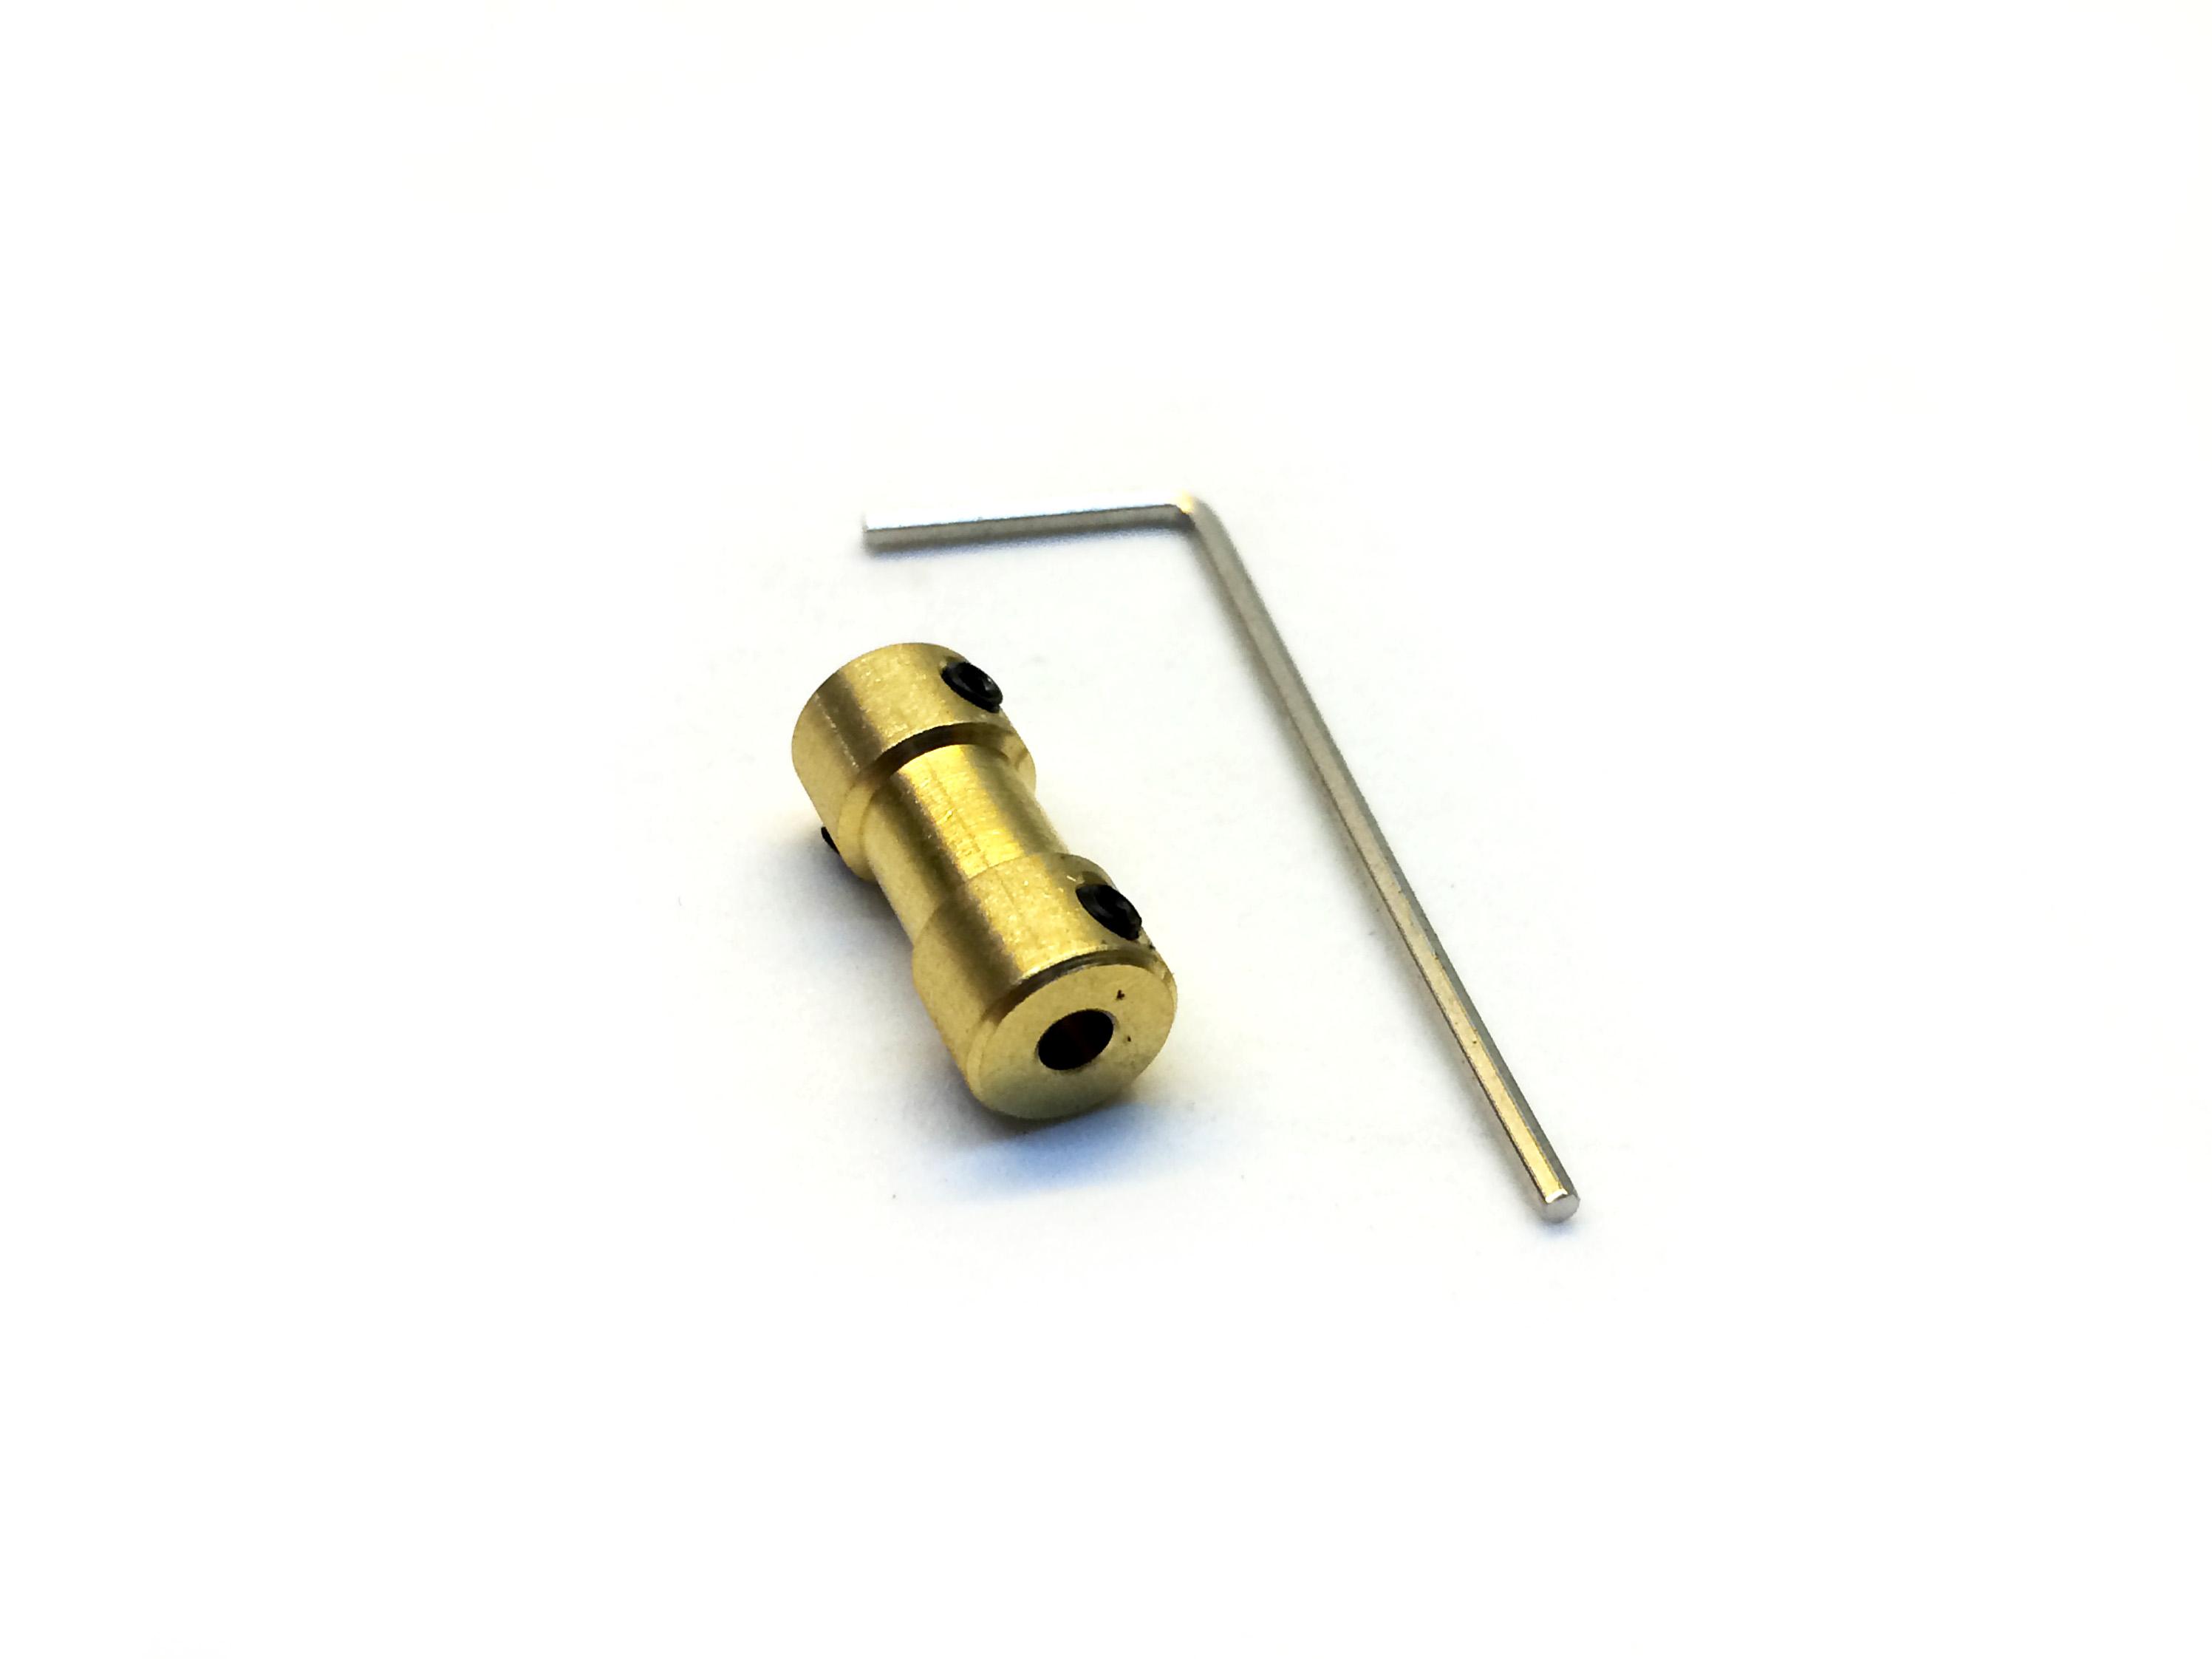 Đầu kẹp mũi khoan trục 3.17mm với trục 5mm